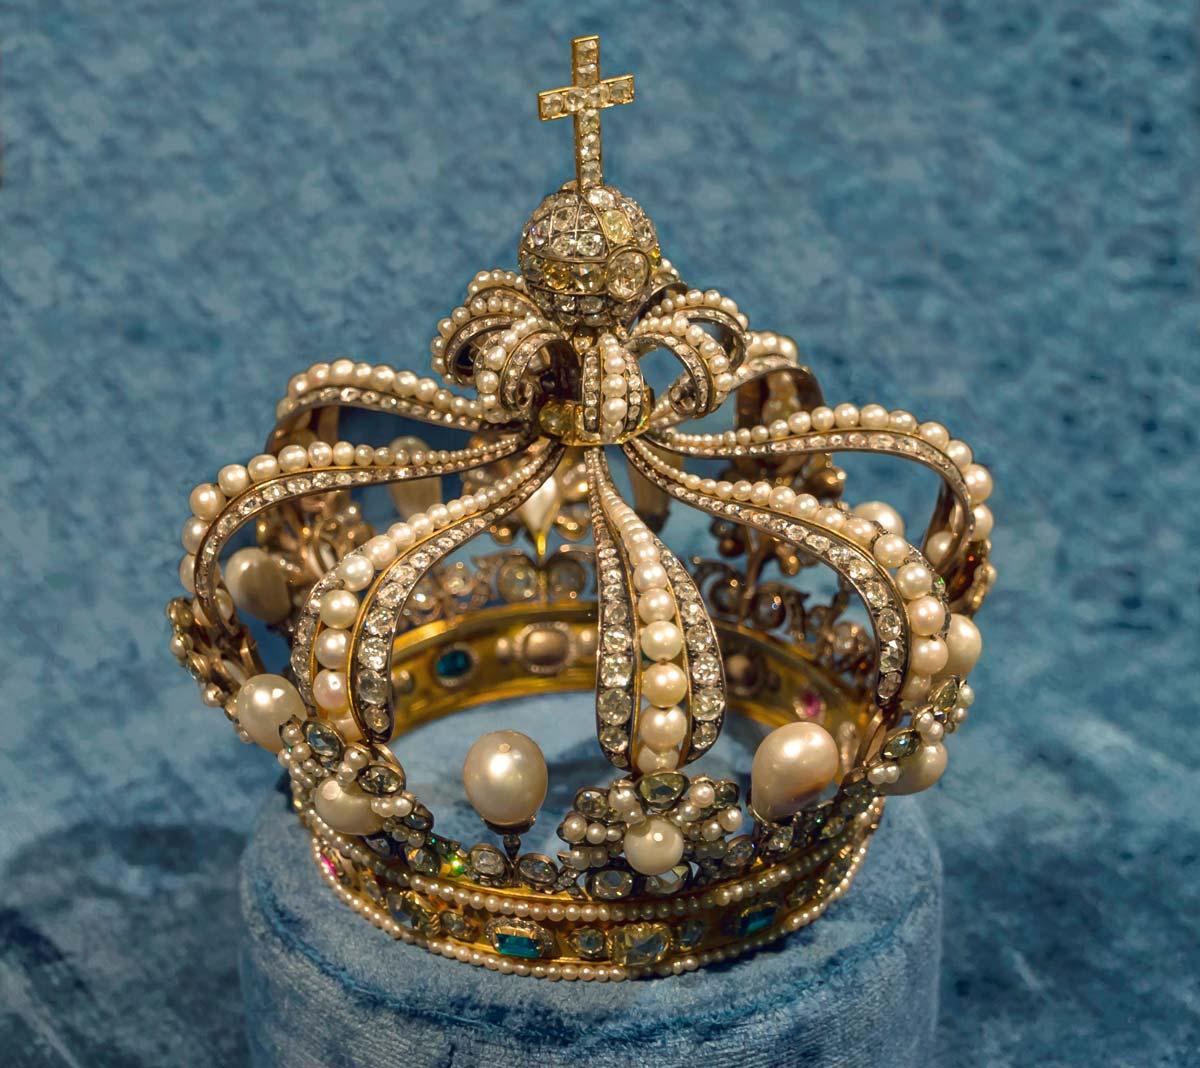 Драгоценная корона, трехмерное изображение